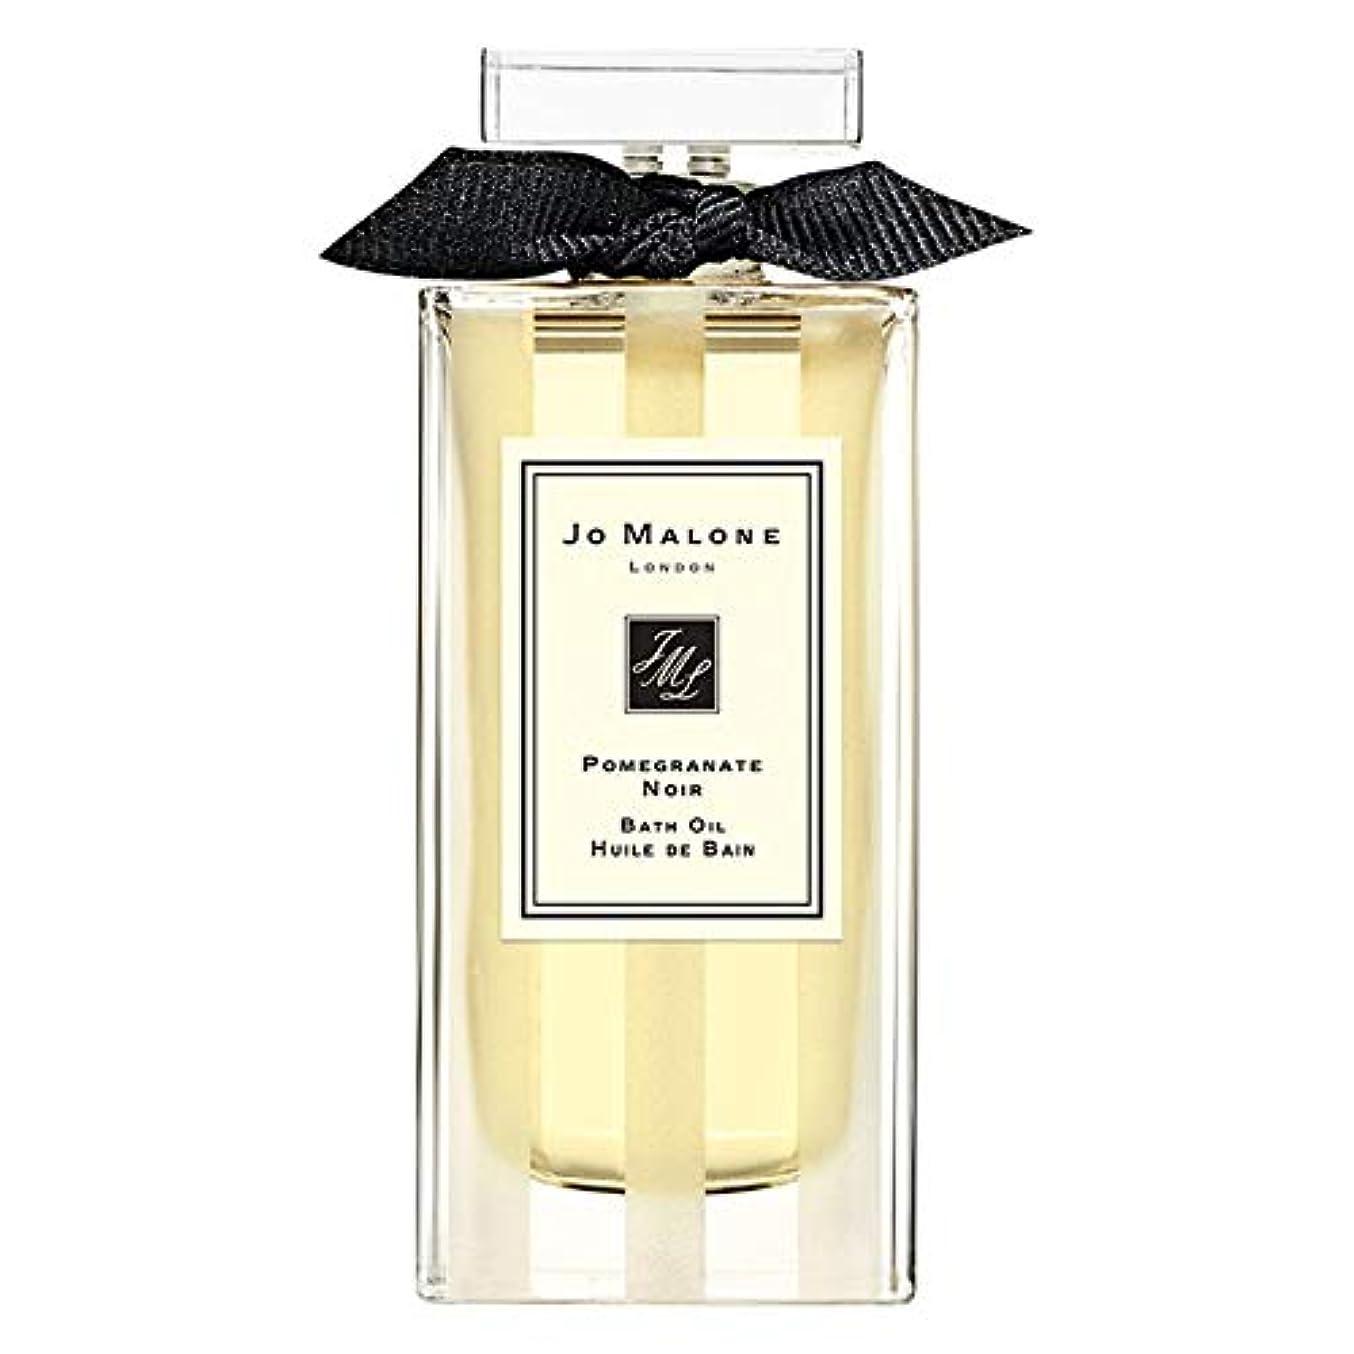 ハチ試験クリップ[Jo Malone] ジョーマローンロンドンバスザクロノワールバスオイル30ミリリットル - Jo Malone London Bath Pomegranate Noir Bath Oil 30ml [並行輸入品]